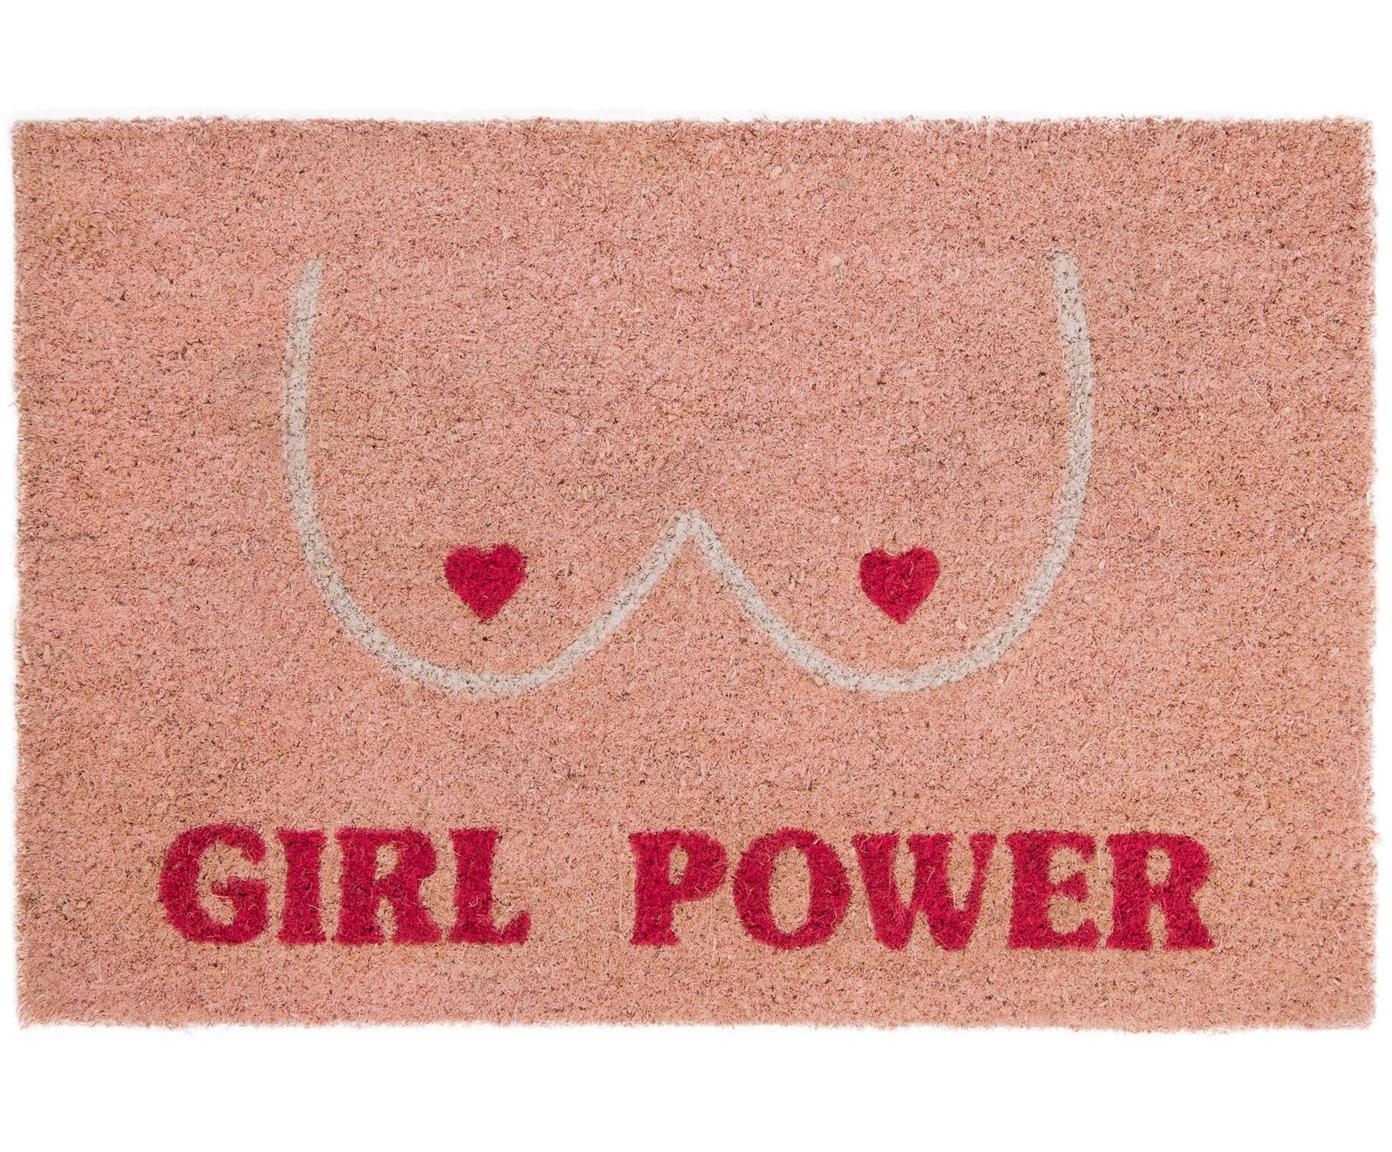 Deurmat Girl Power, Kokosvezels, Roze, rood, beige, 40 x 60 cm